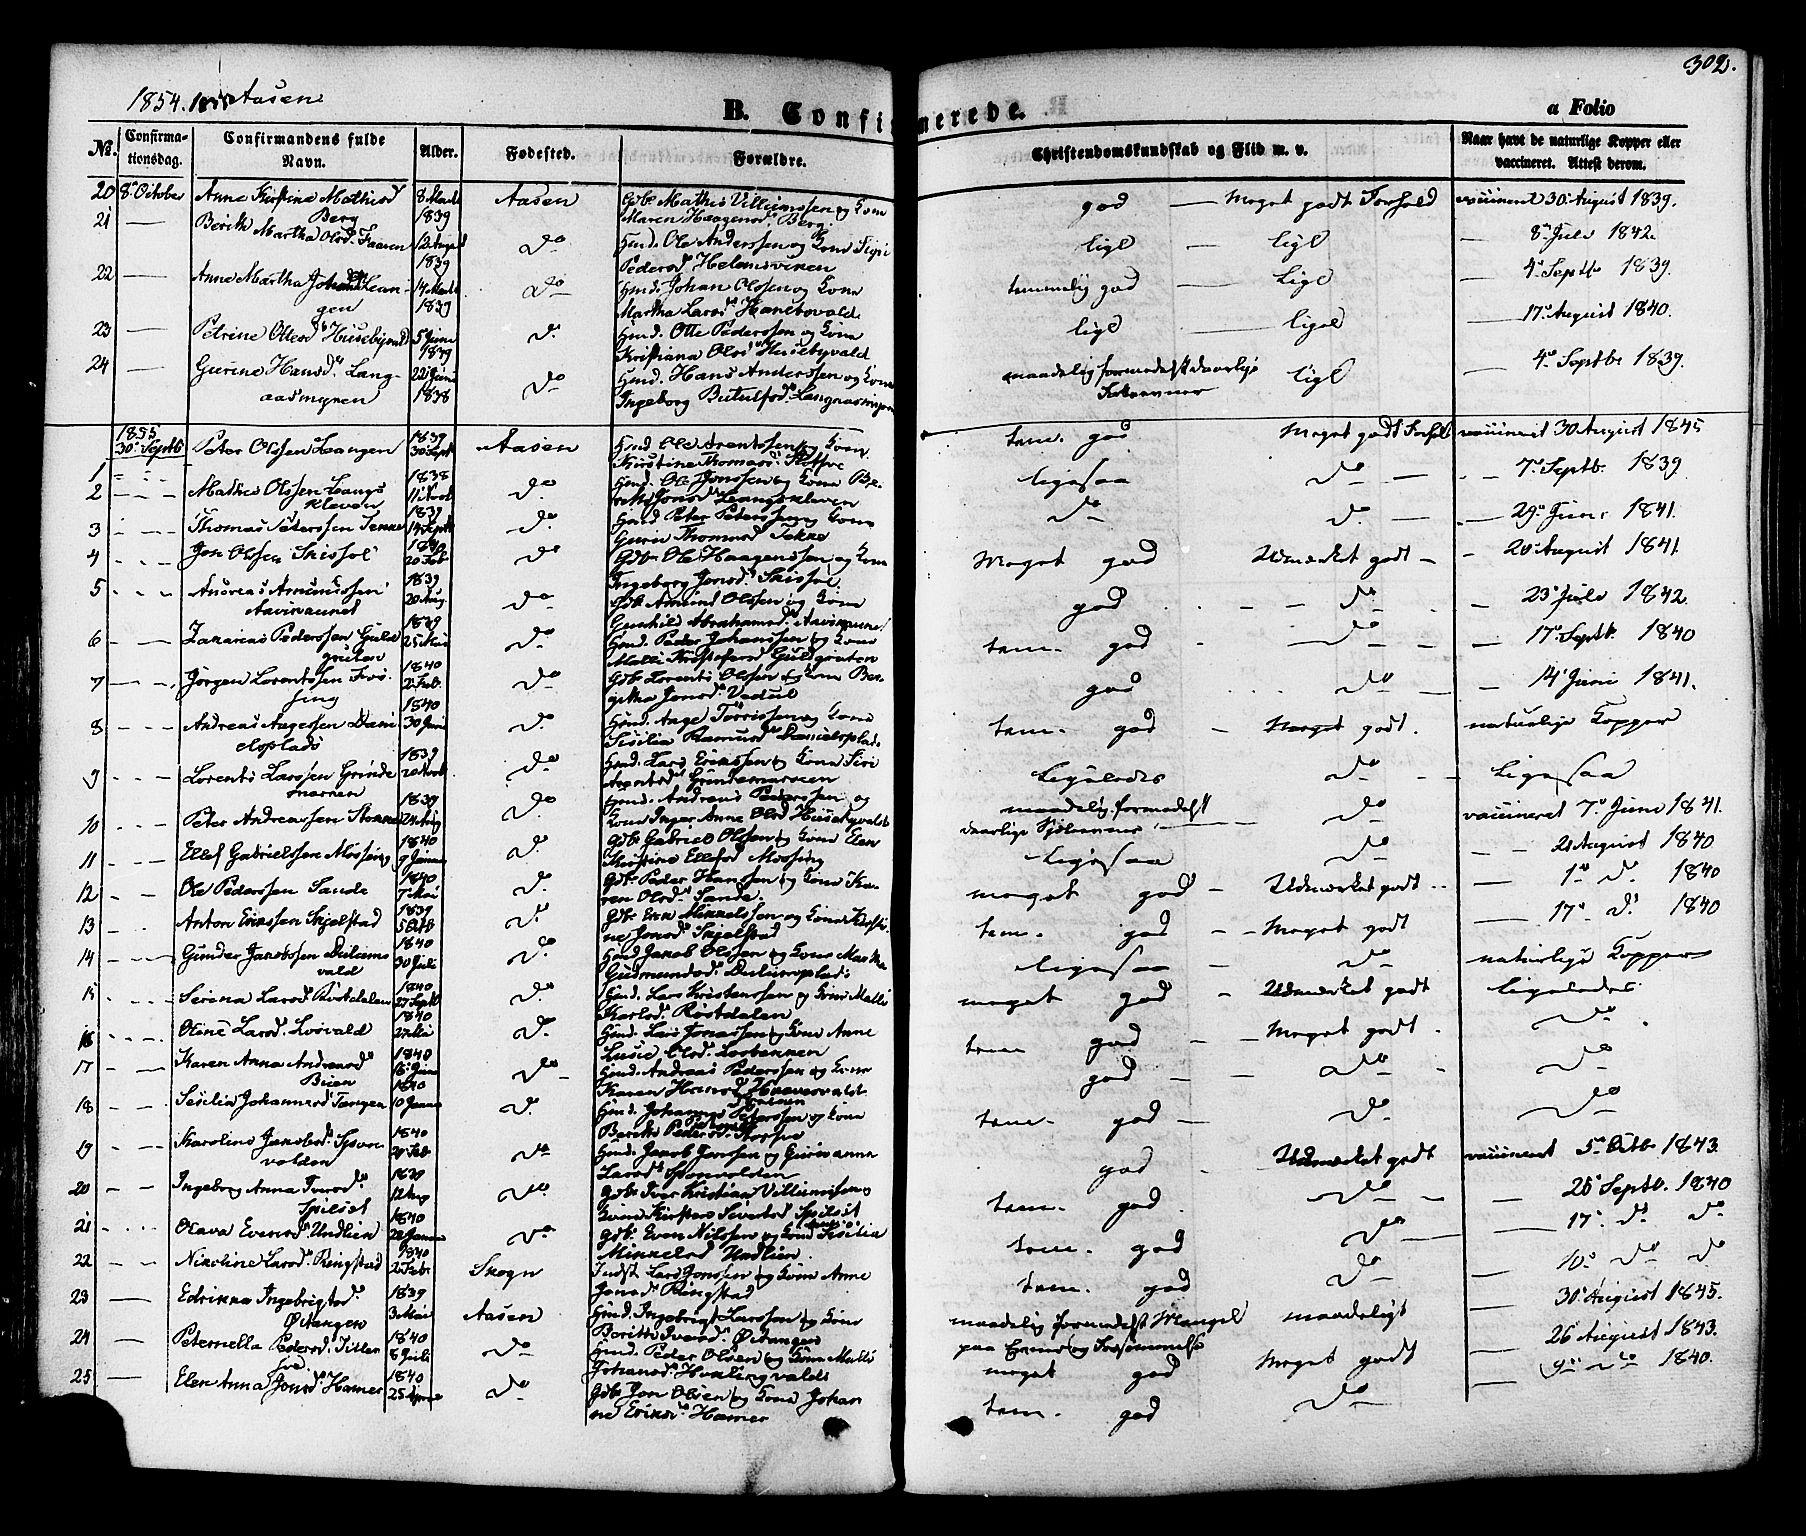 SAT, Ministerialprotokoller, klokkerbøker og fødselsregistre - Nord-Trøndelag, 713/L0116: Ministerialbok nr. 713A07, 1850-1877, s. 302